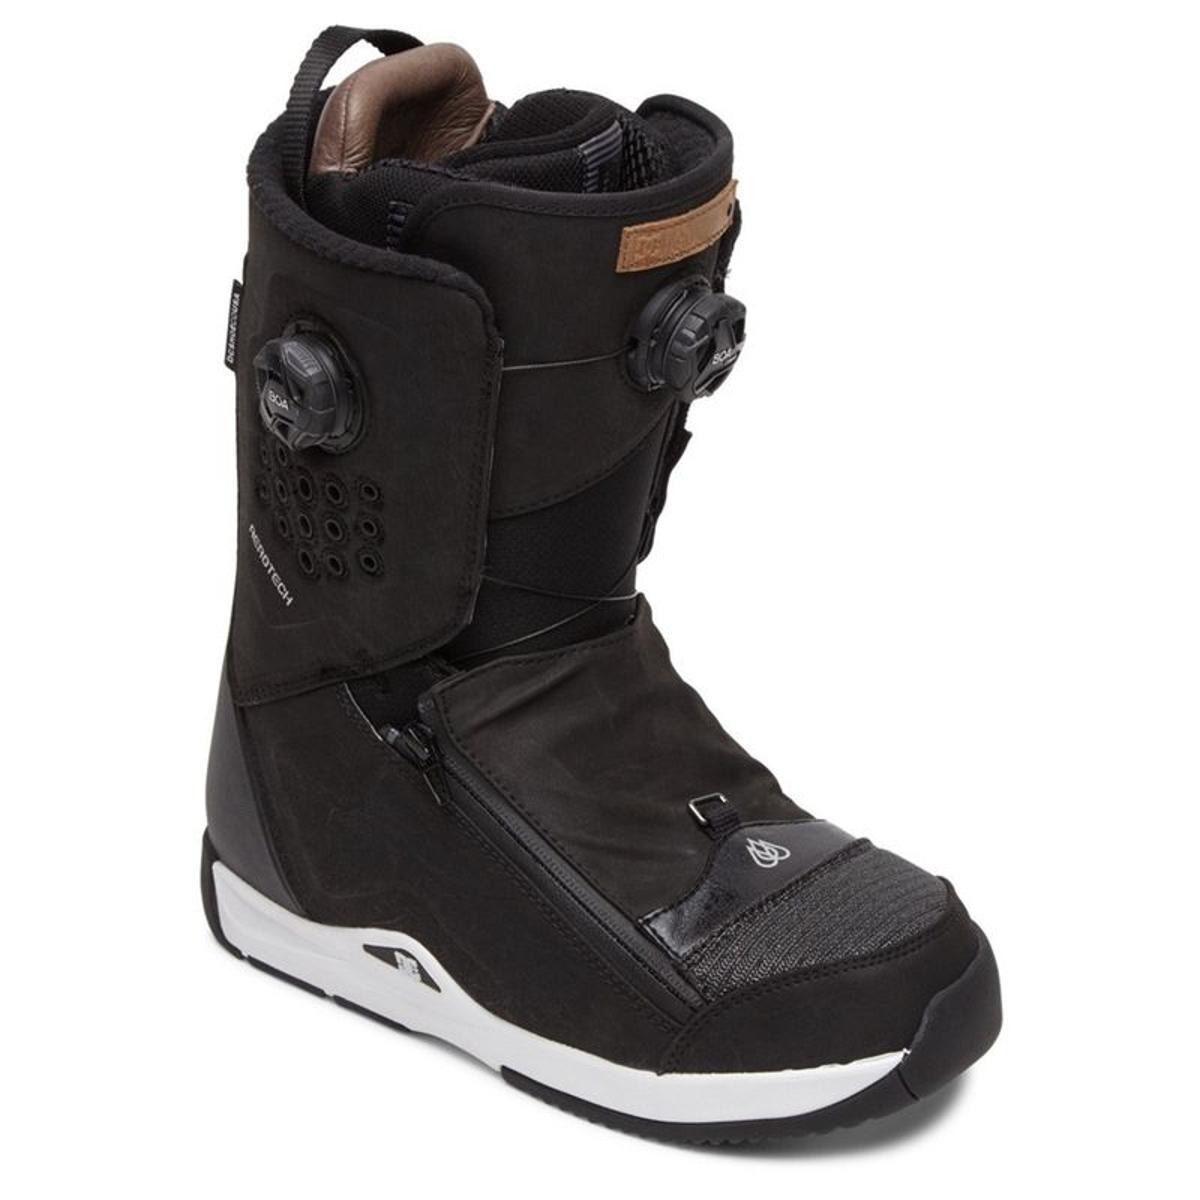 Boots de snowboard BOA TRAVIS RICE